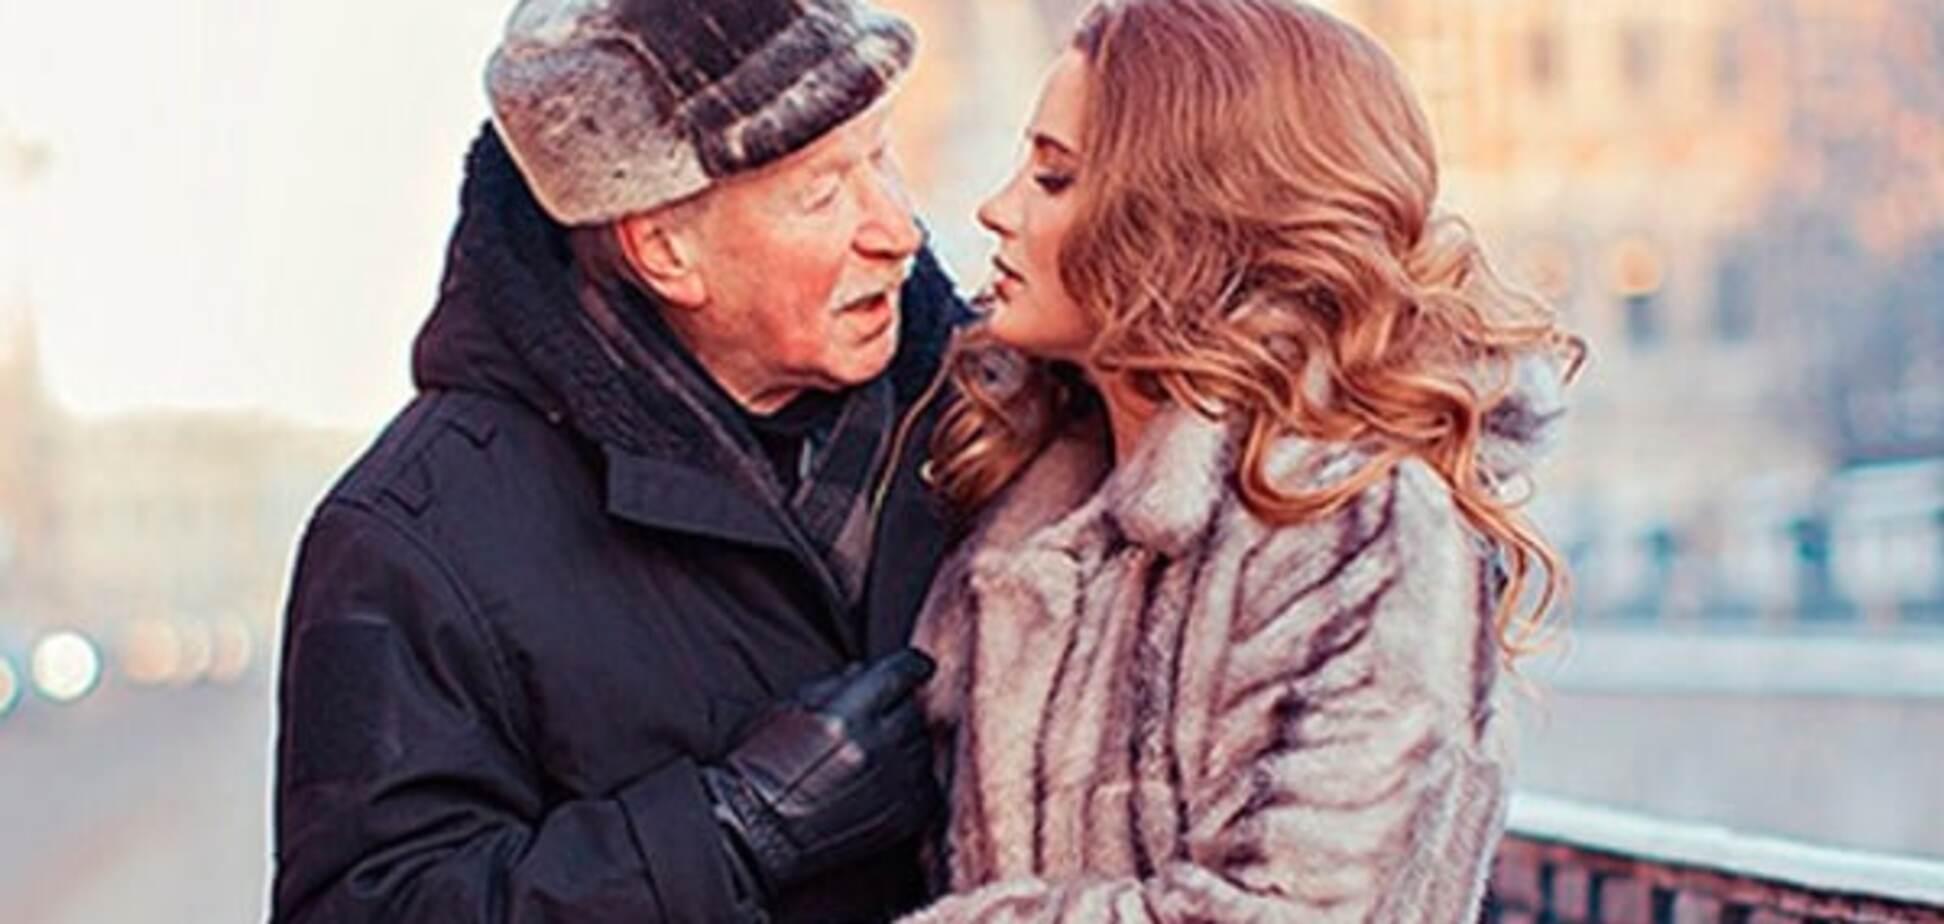 Зимние забавы: сеть взорвала новая фотосессия 85-летнего российского актера и его 25-летней жены